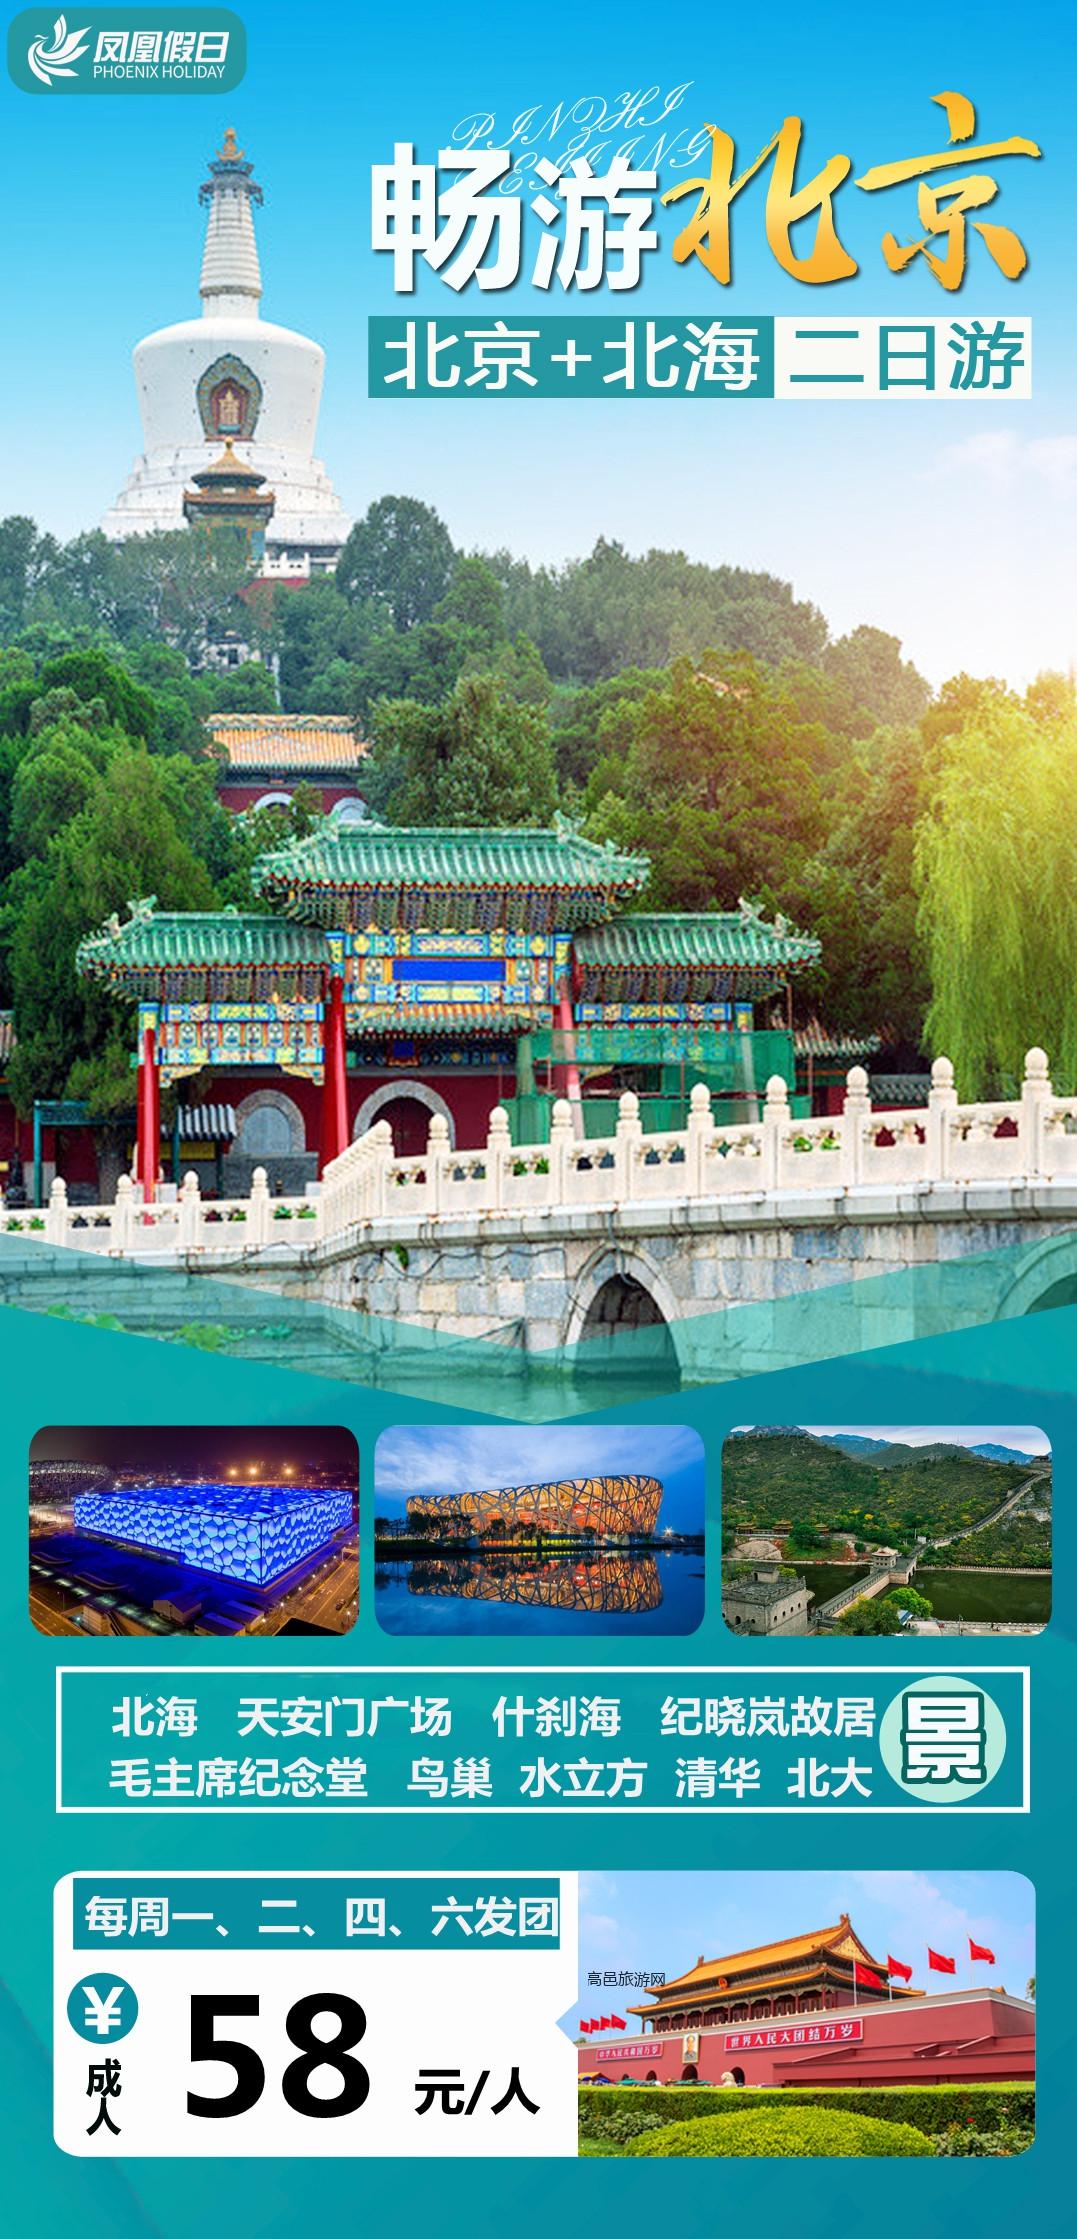 58丨北京景山二日游